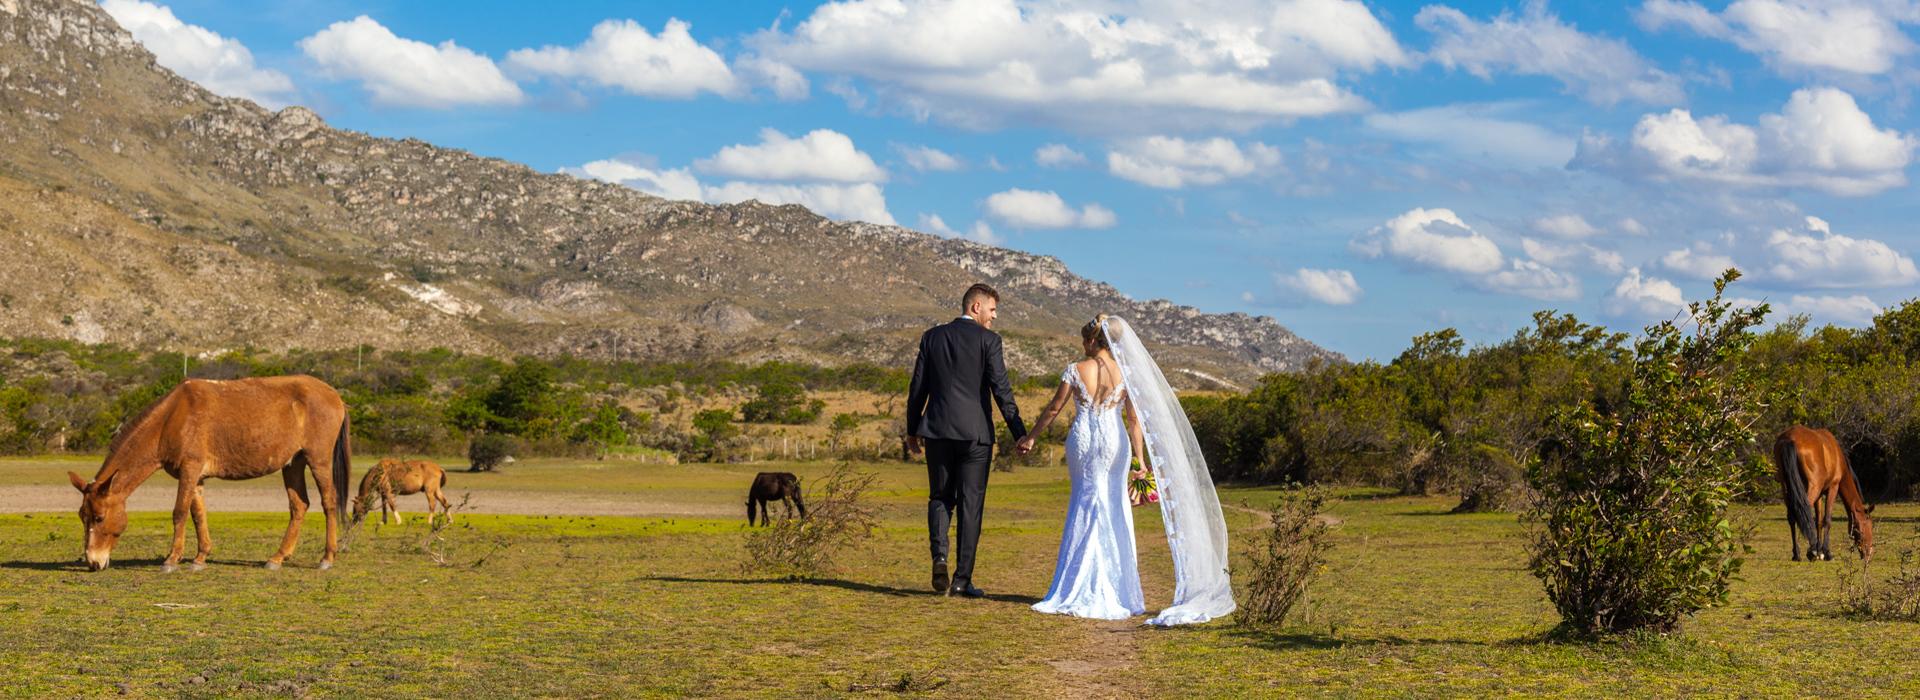 Casamentos de Maria + Marcus em Lapinha da Serra / MG